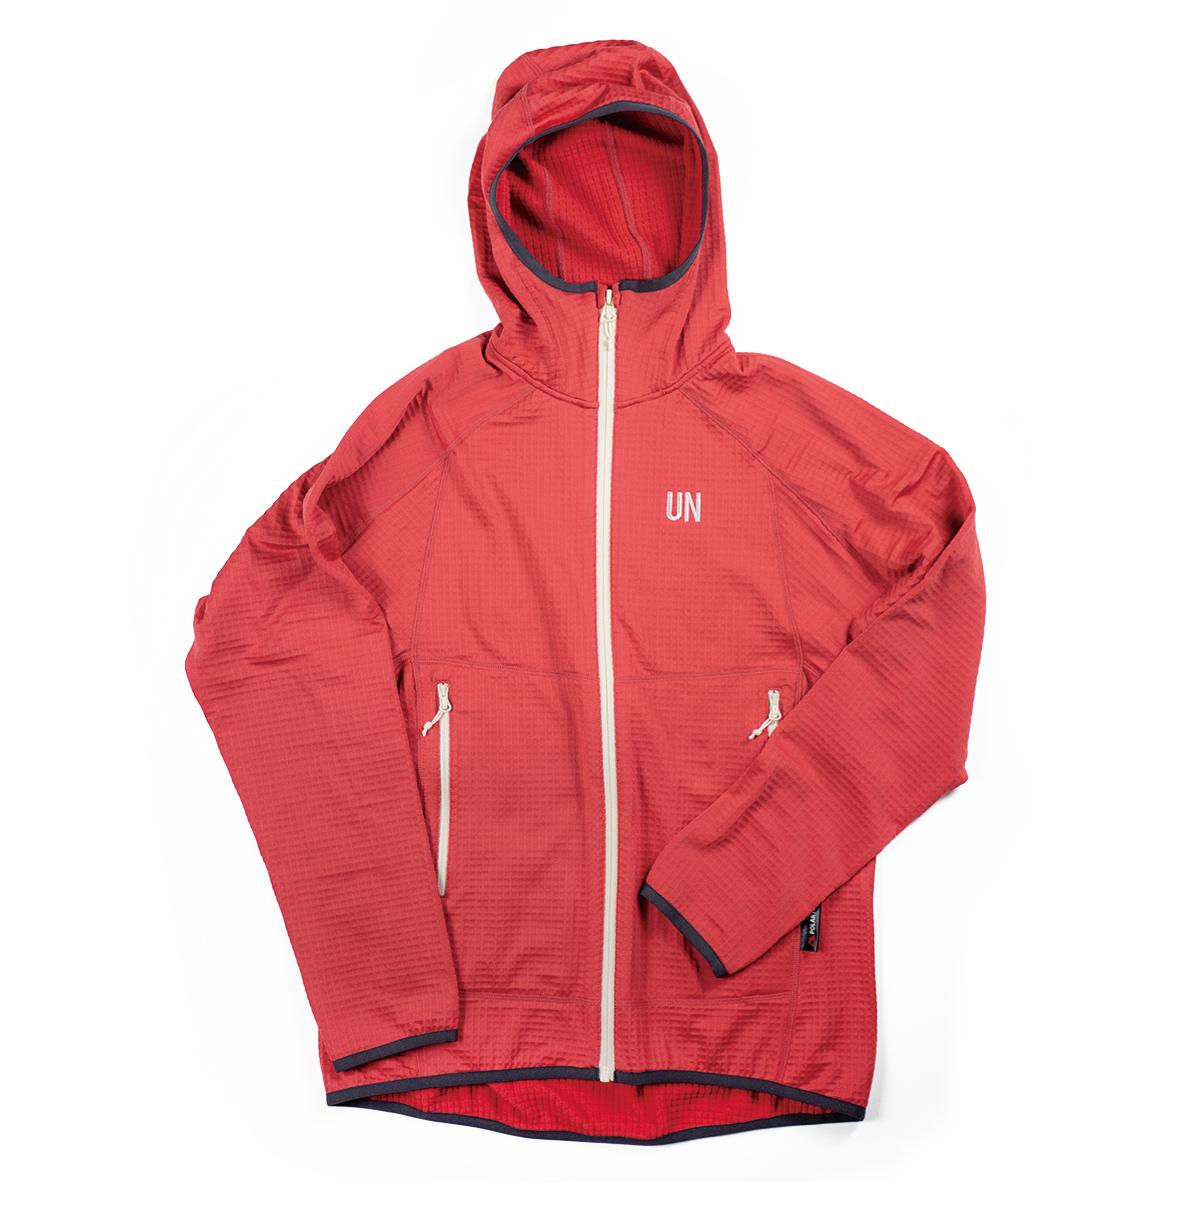 UN2100 Light weight fleece hoody / Red